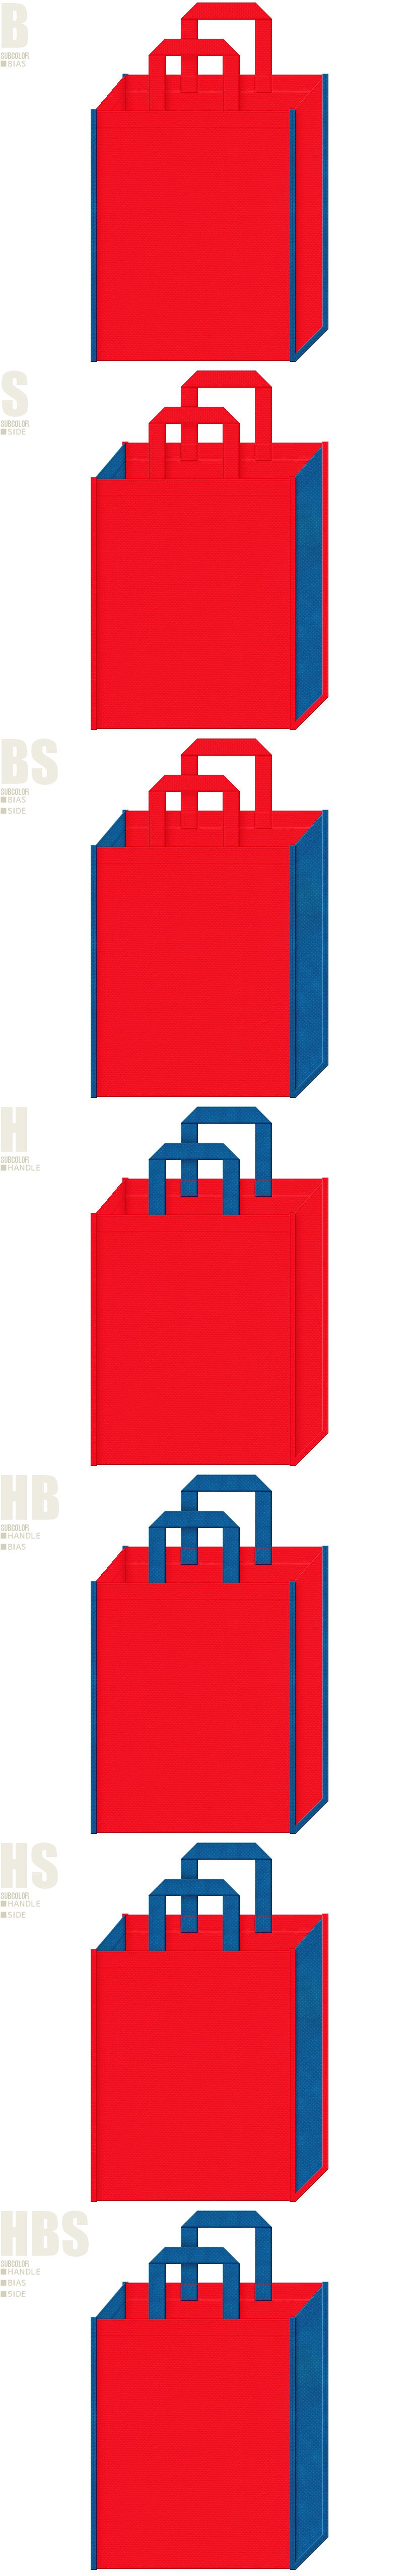 テーマパーク・キッズ・おもちゃの展示会用バッグにお奨めの不織布バッグデザイン:赤色と青色の配色7パターン